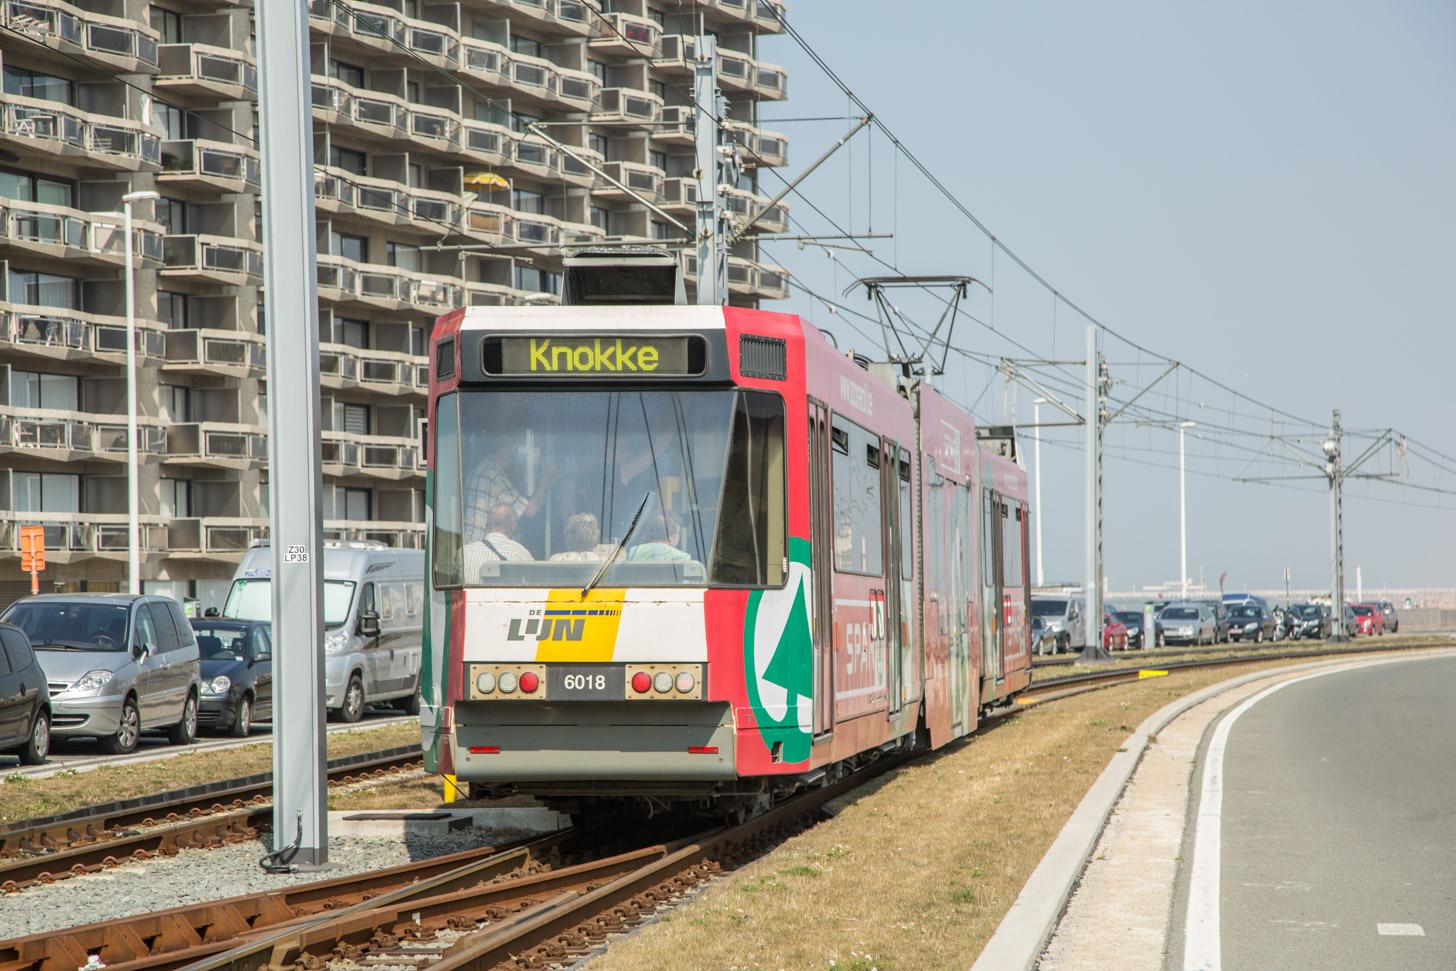 Vervoer in Oostende: de kusttram